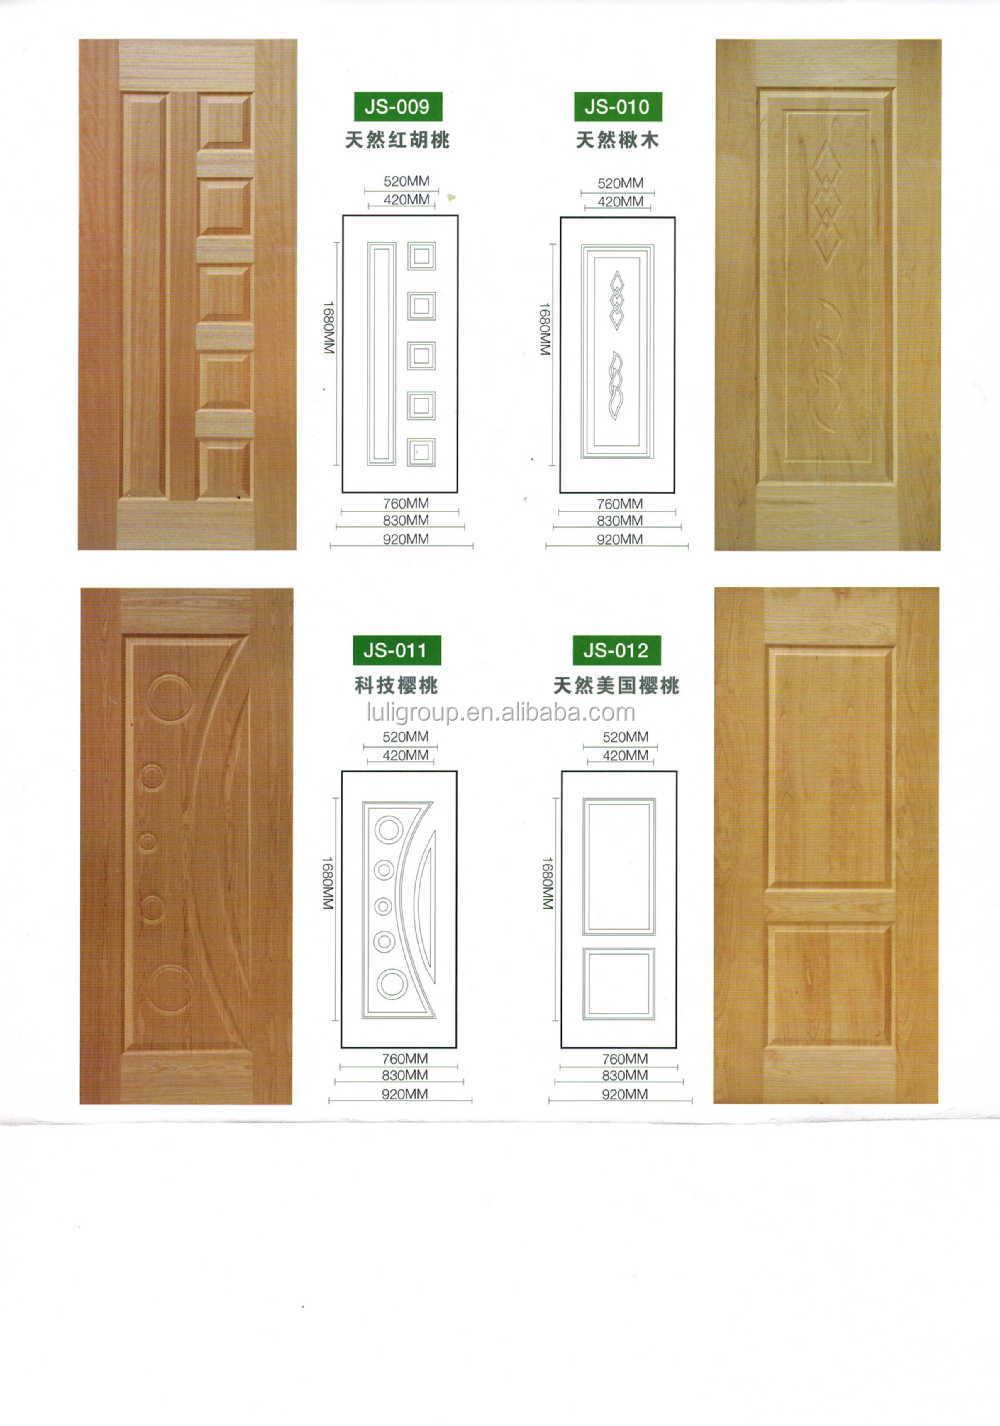 melamine HDF door skin /veneer mdf door skin for iran market from china luli group  sc 1 st  Luli Group Co. Ltd. - Alibaba & melamine HDF door skin /veneer mdf door skin for iran market from ... pezcame.com